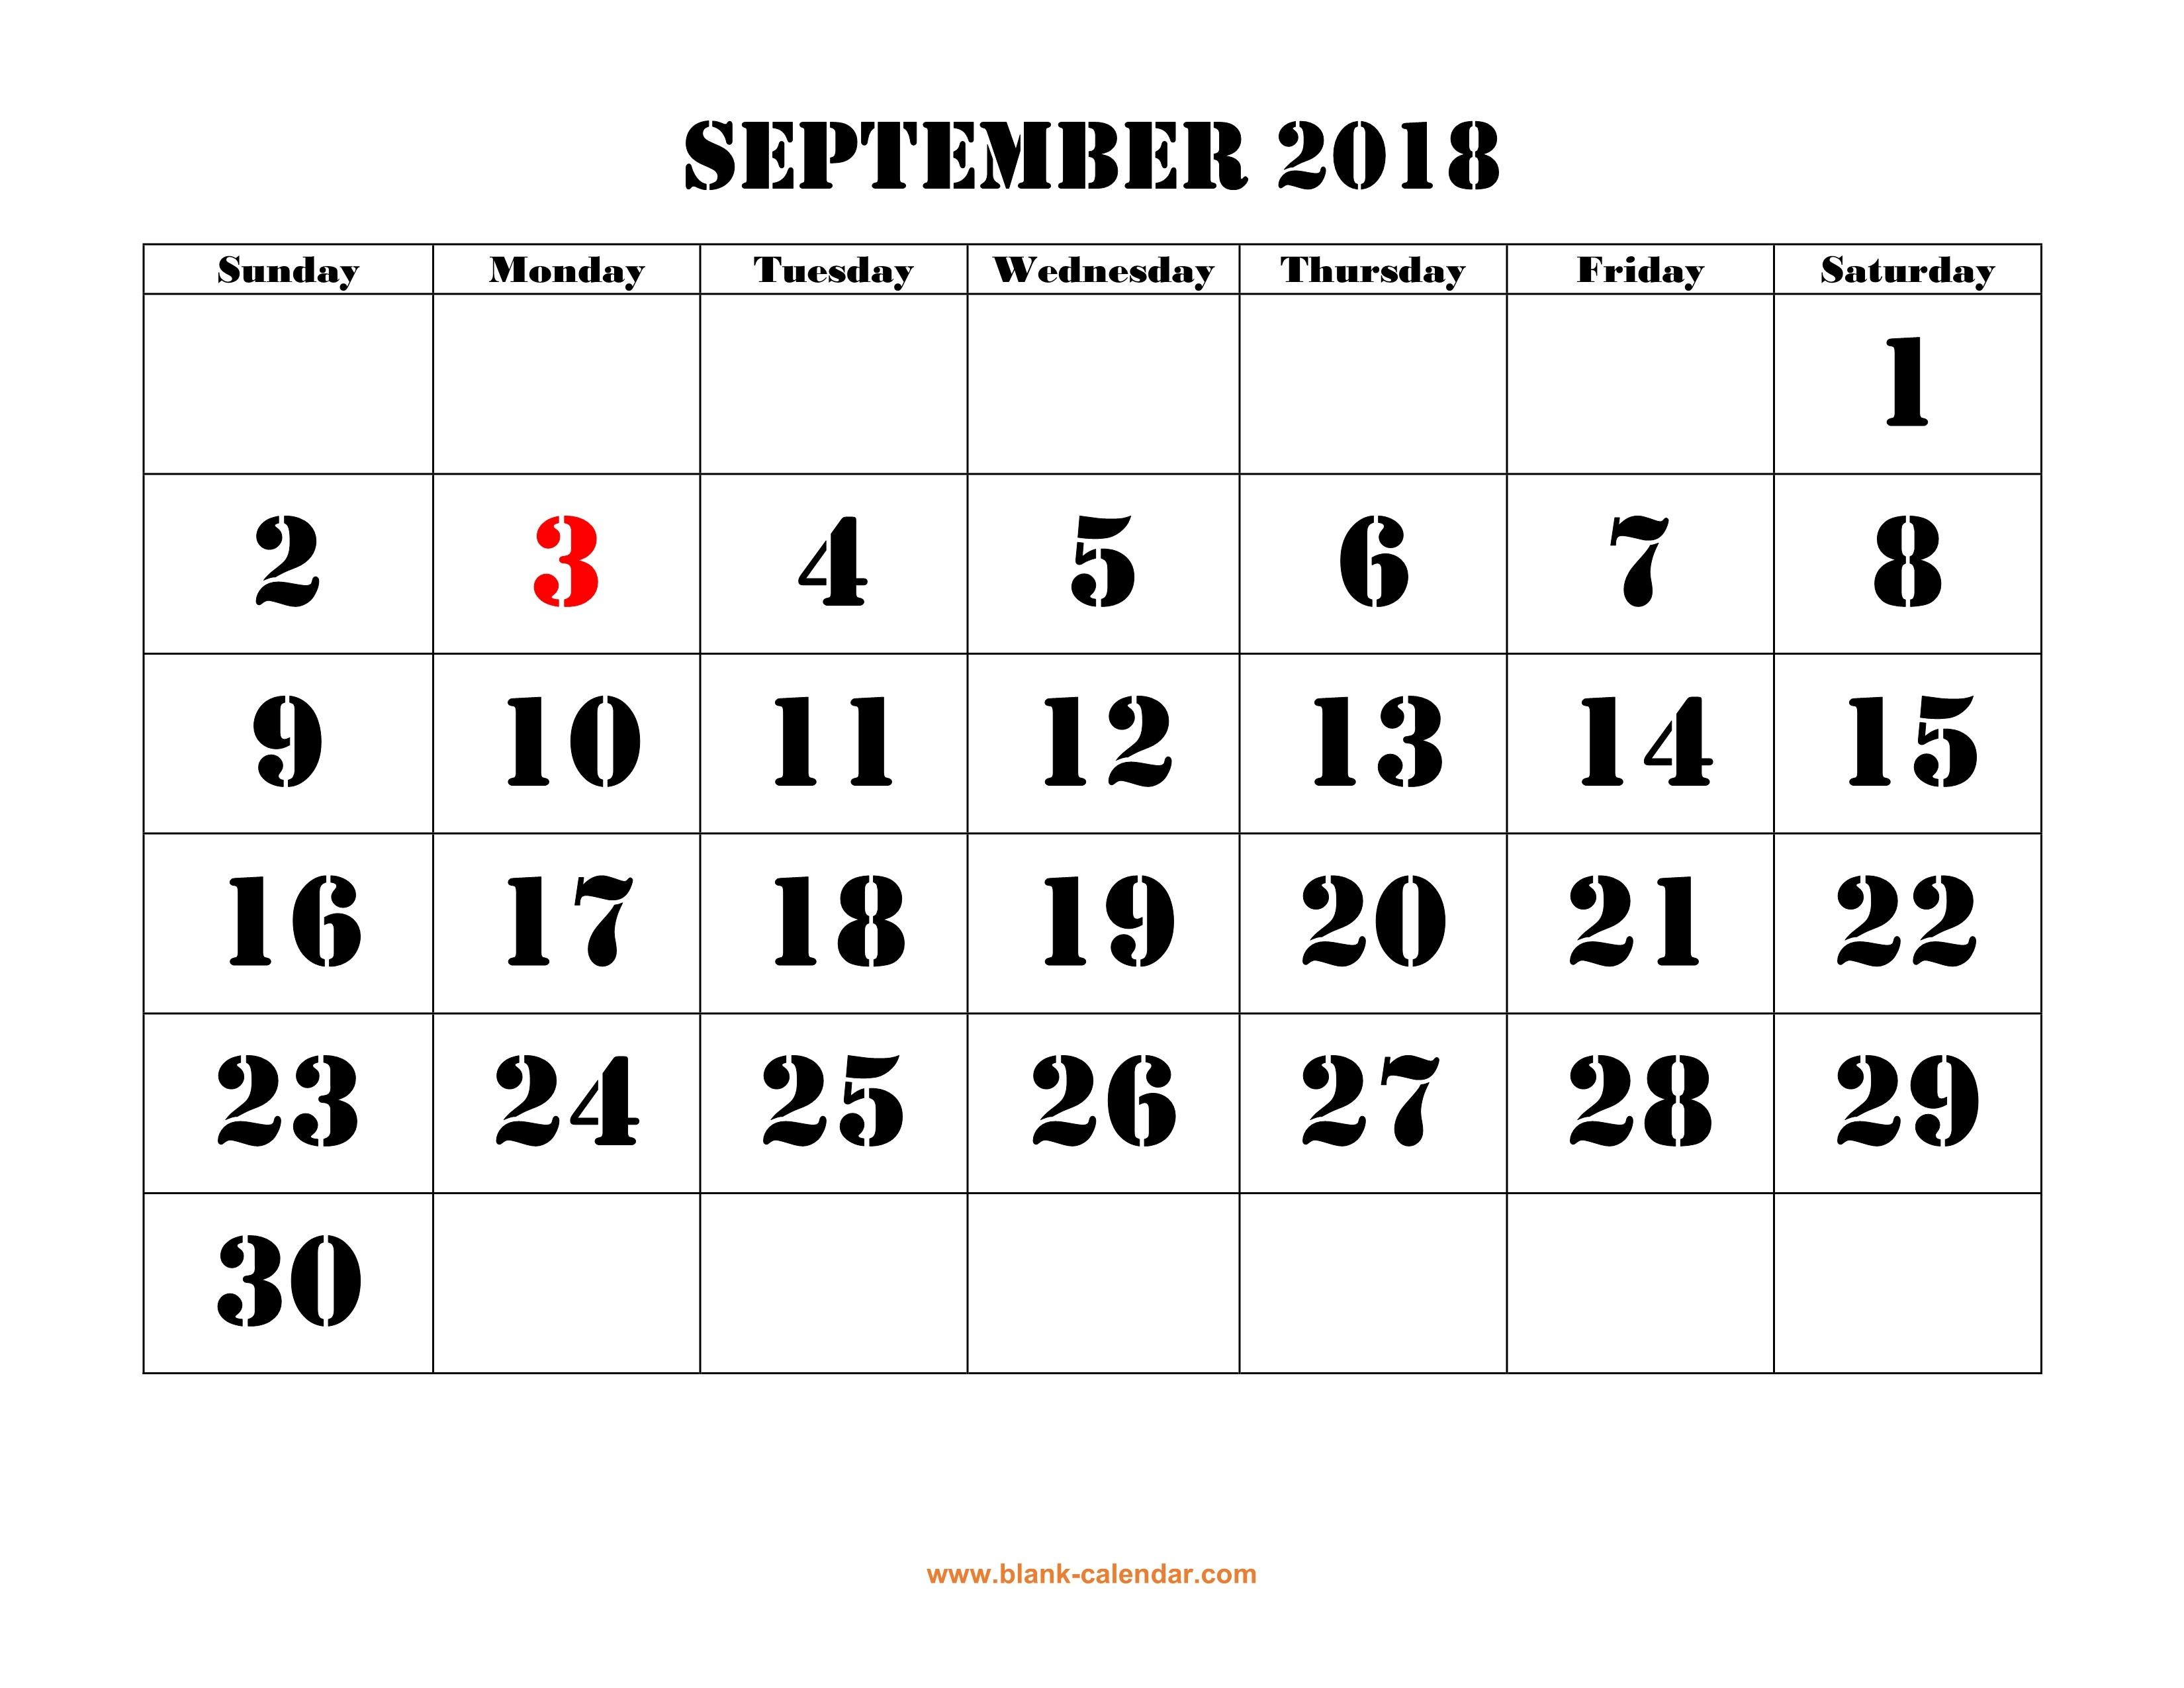 Free Download Printable September 2018 Calendar, Large Font Design - Large Printable Fonts Free